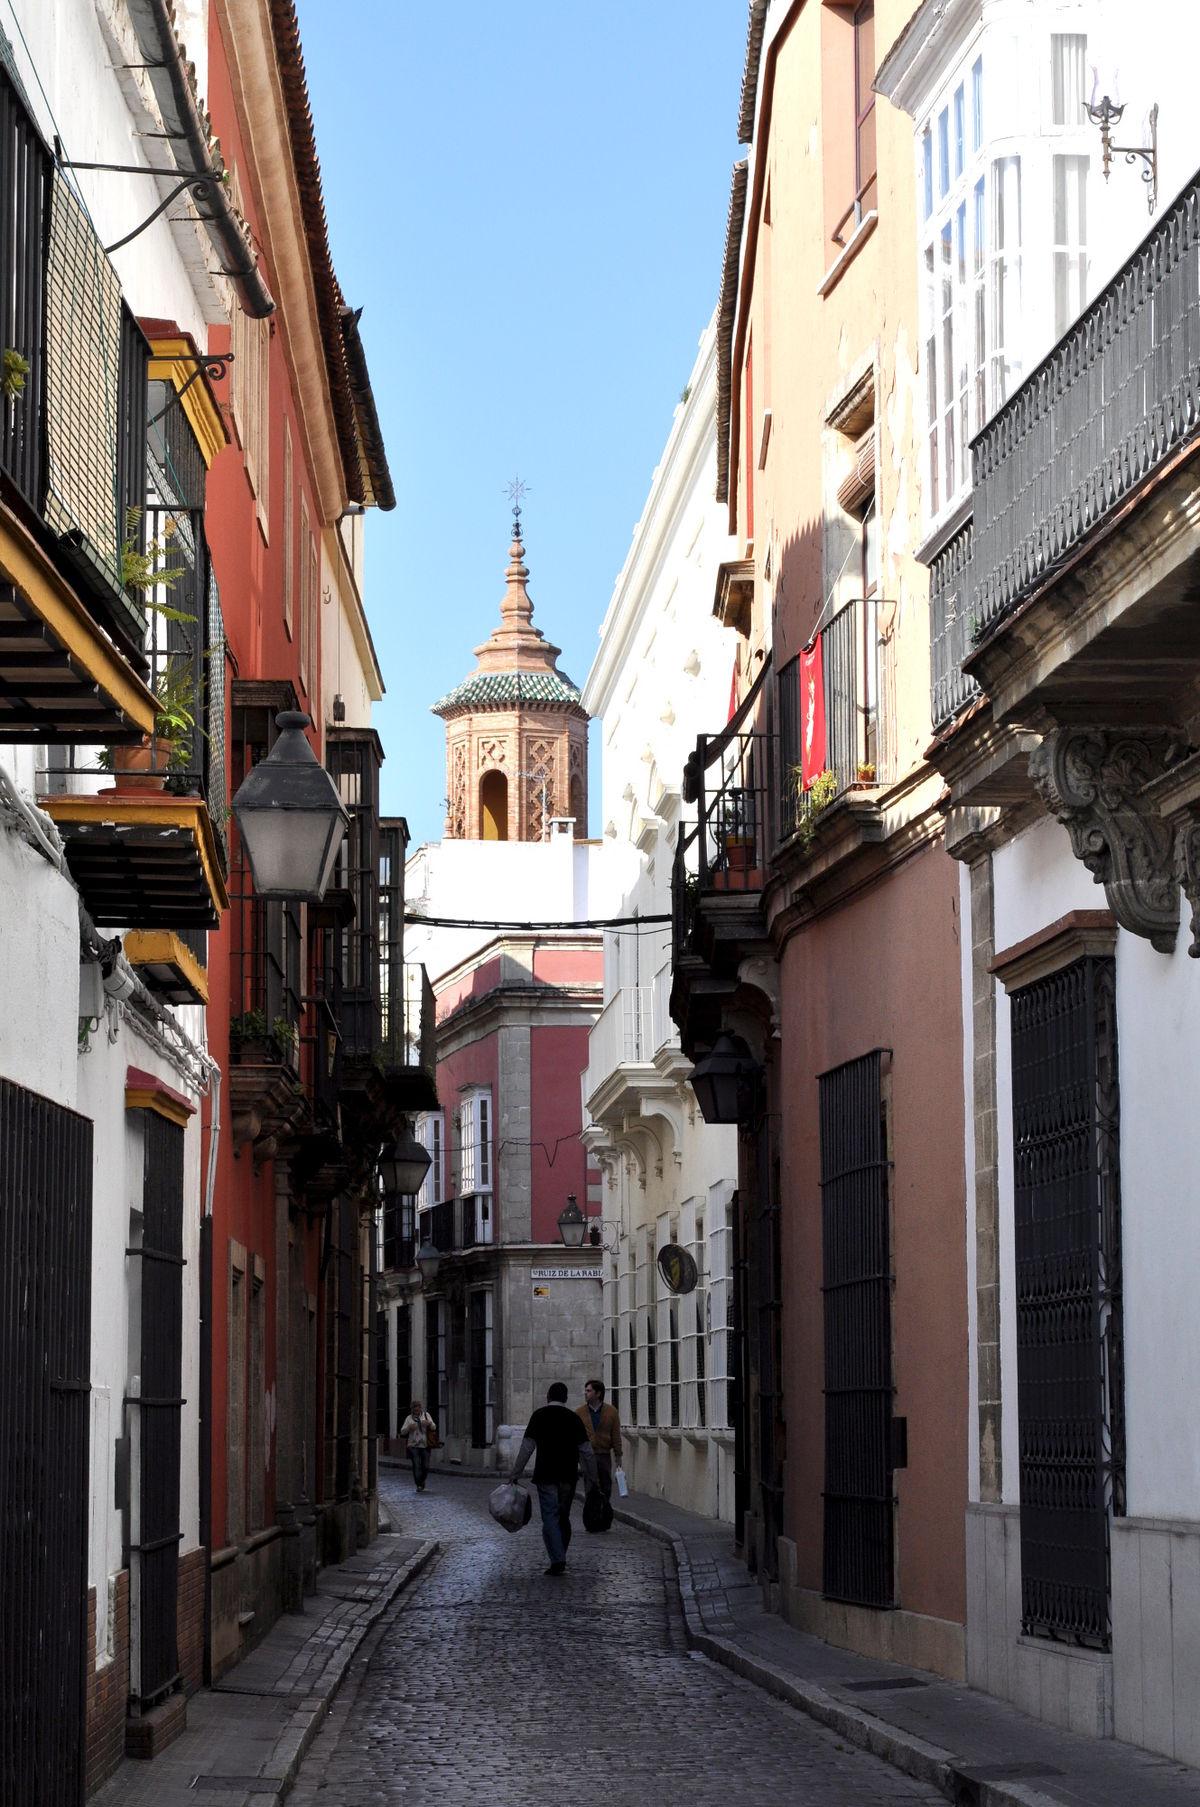 Calle francos wikipedia la enciclopedia libre for Calle prado jerez 3 navacerrada